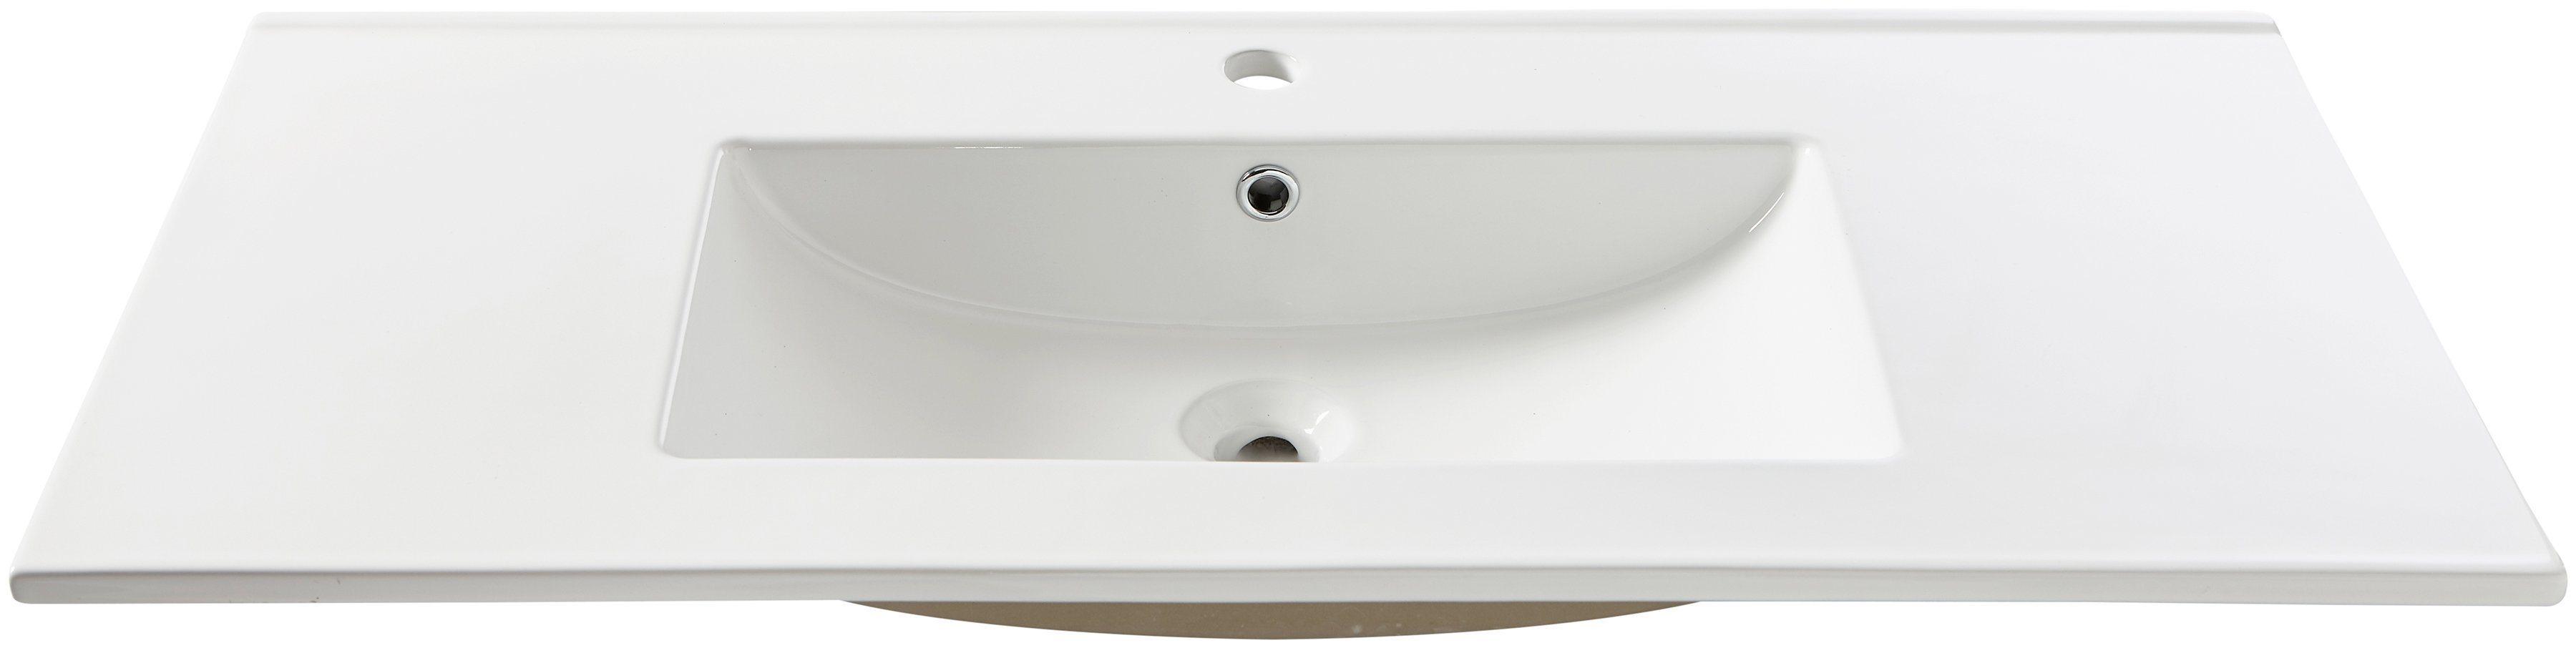 Waschbecken »Trento«, Breite 101 cm, Einsatzbecken/Waschtisch   Bad > Waschbecken